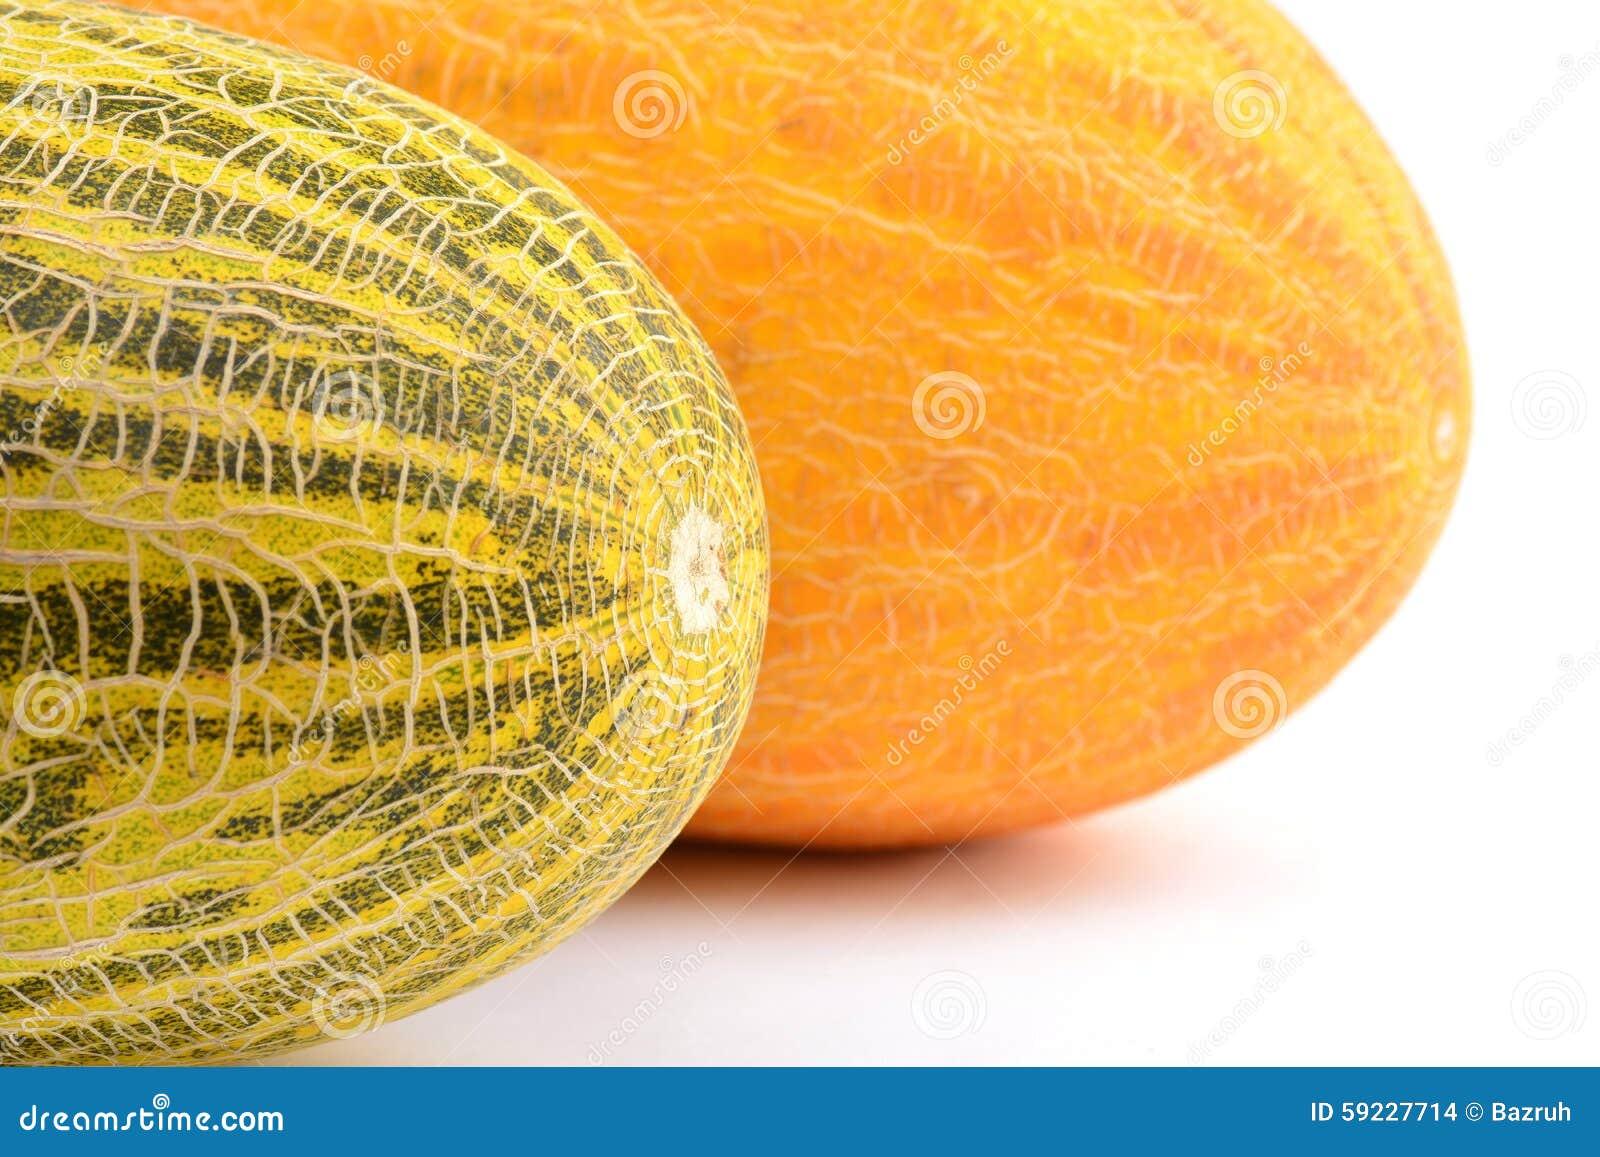 Download Melones amarillos enormes foto de archivo. Imagen de alimento - 59227714